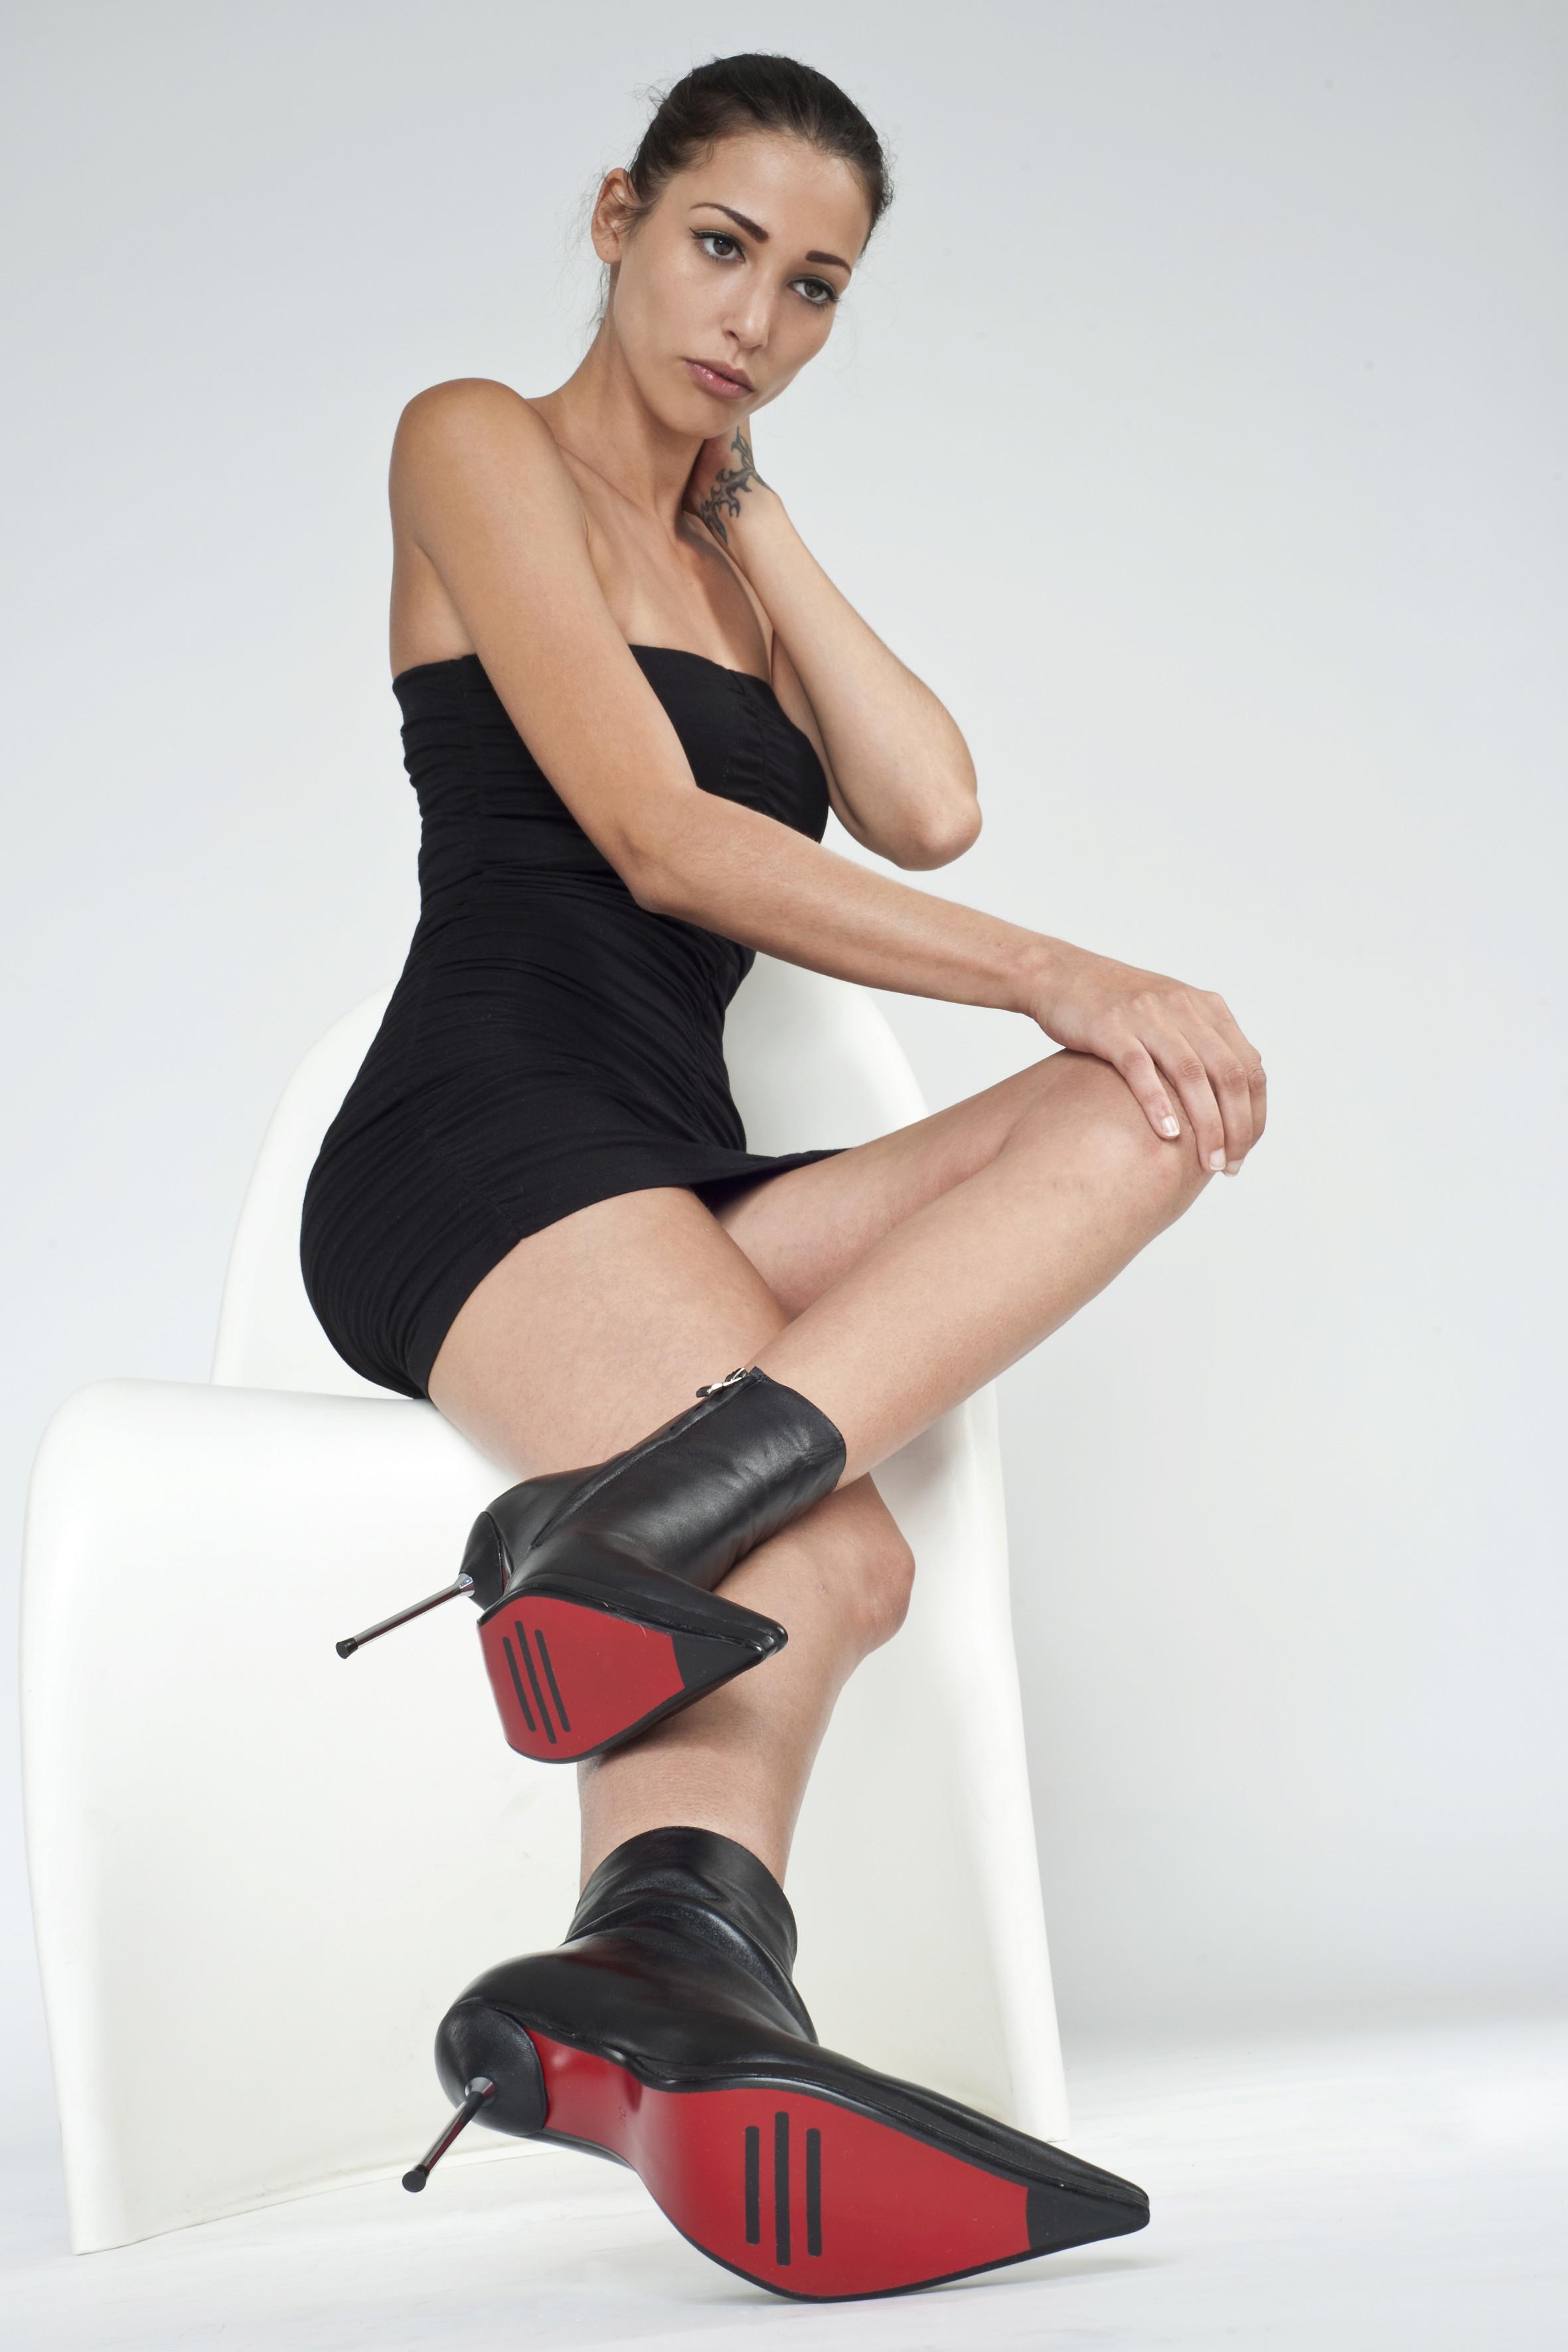 Arollo Leather Heeled Boots Arollo10